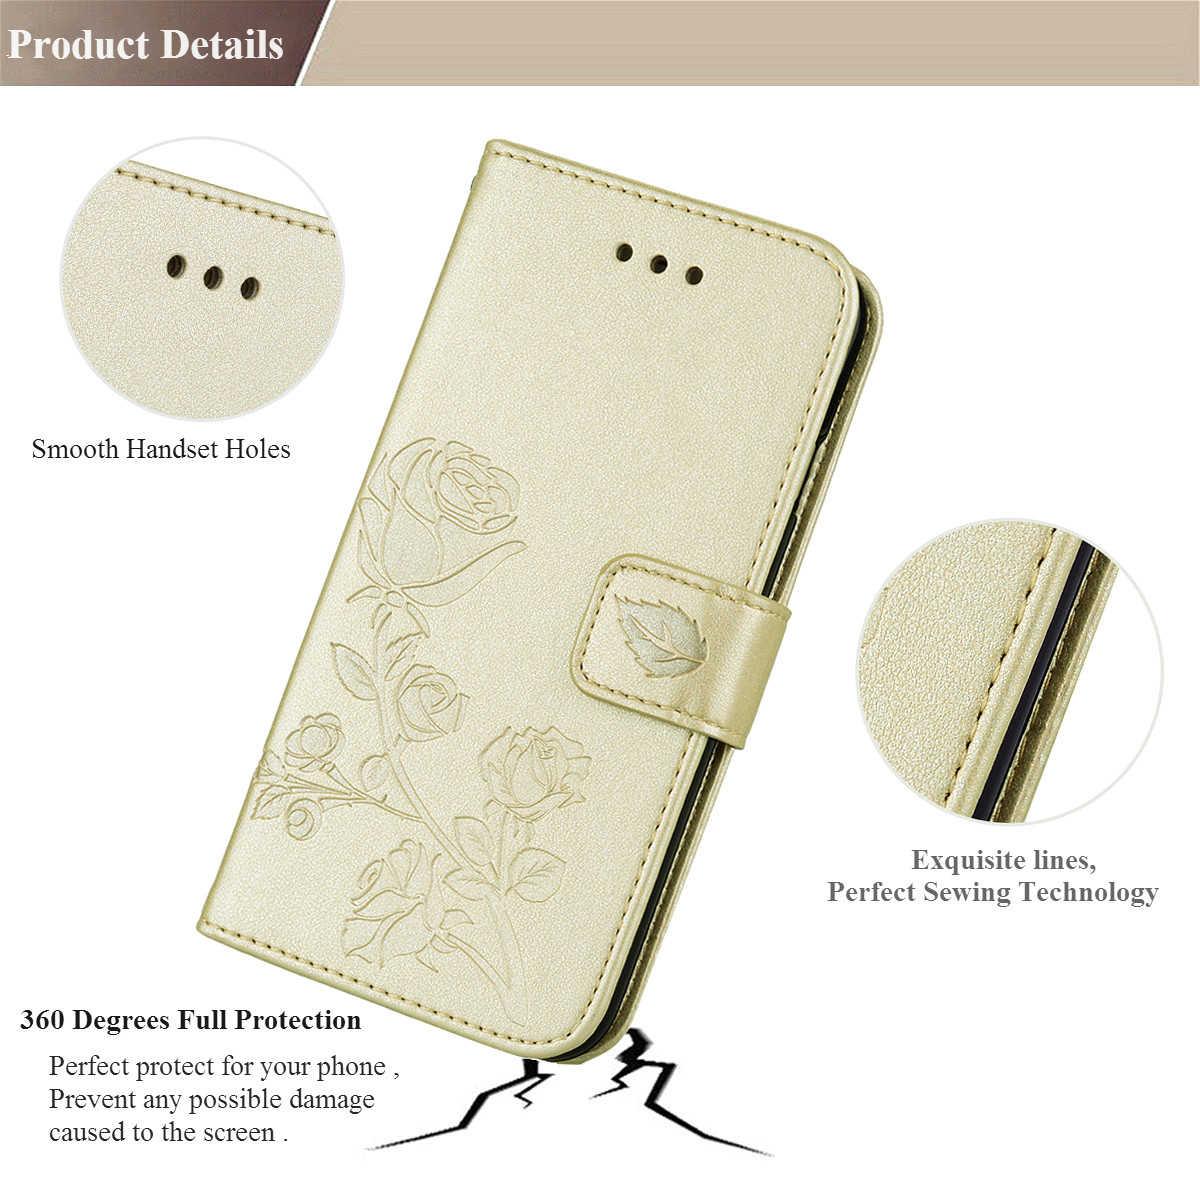 Para Huawei P 2019 Inteligente Caso POT-LX3 POT-LX1 Silicone Estojo de couro carteira Para Huawei P Inteligente FIG-LX1 LX2 LX3 FIG-LA1 tampa articulada